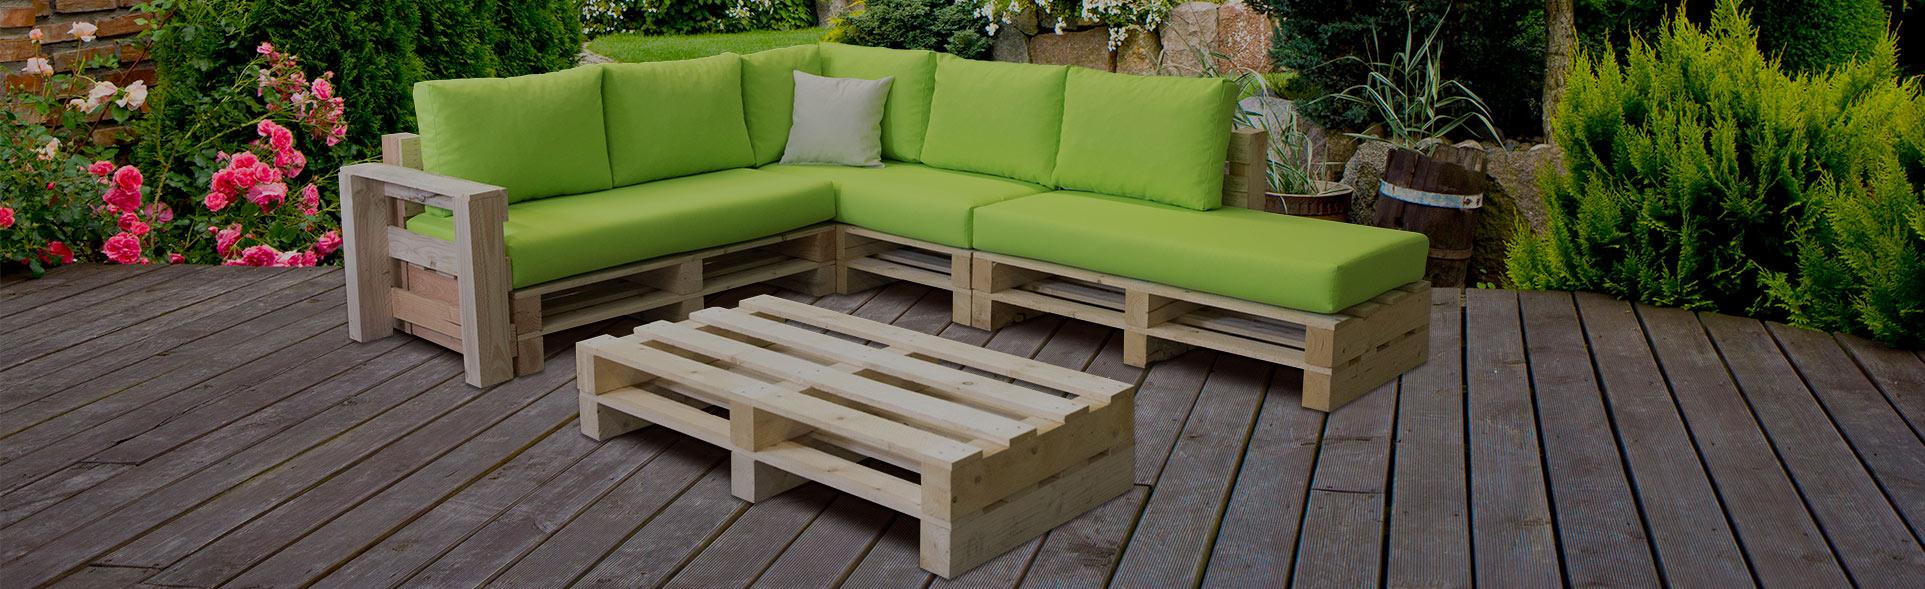 Modulpop - Composez Le Canapé Palette Idéal Pour Votre Extérieur pour Plan Pour Fabriquer Un Salon De Jardin En Palette